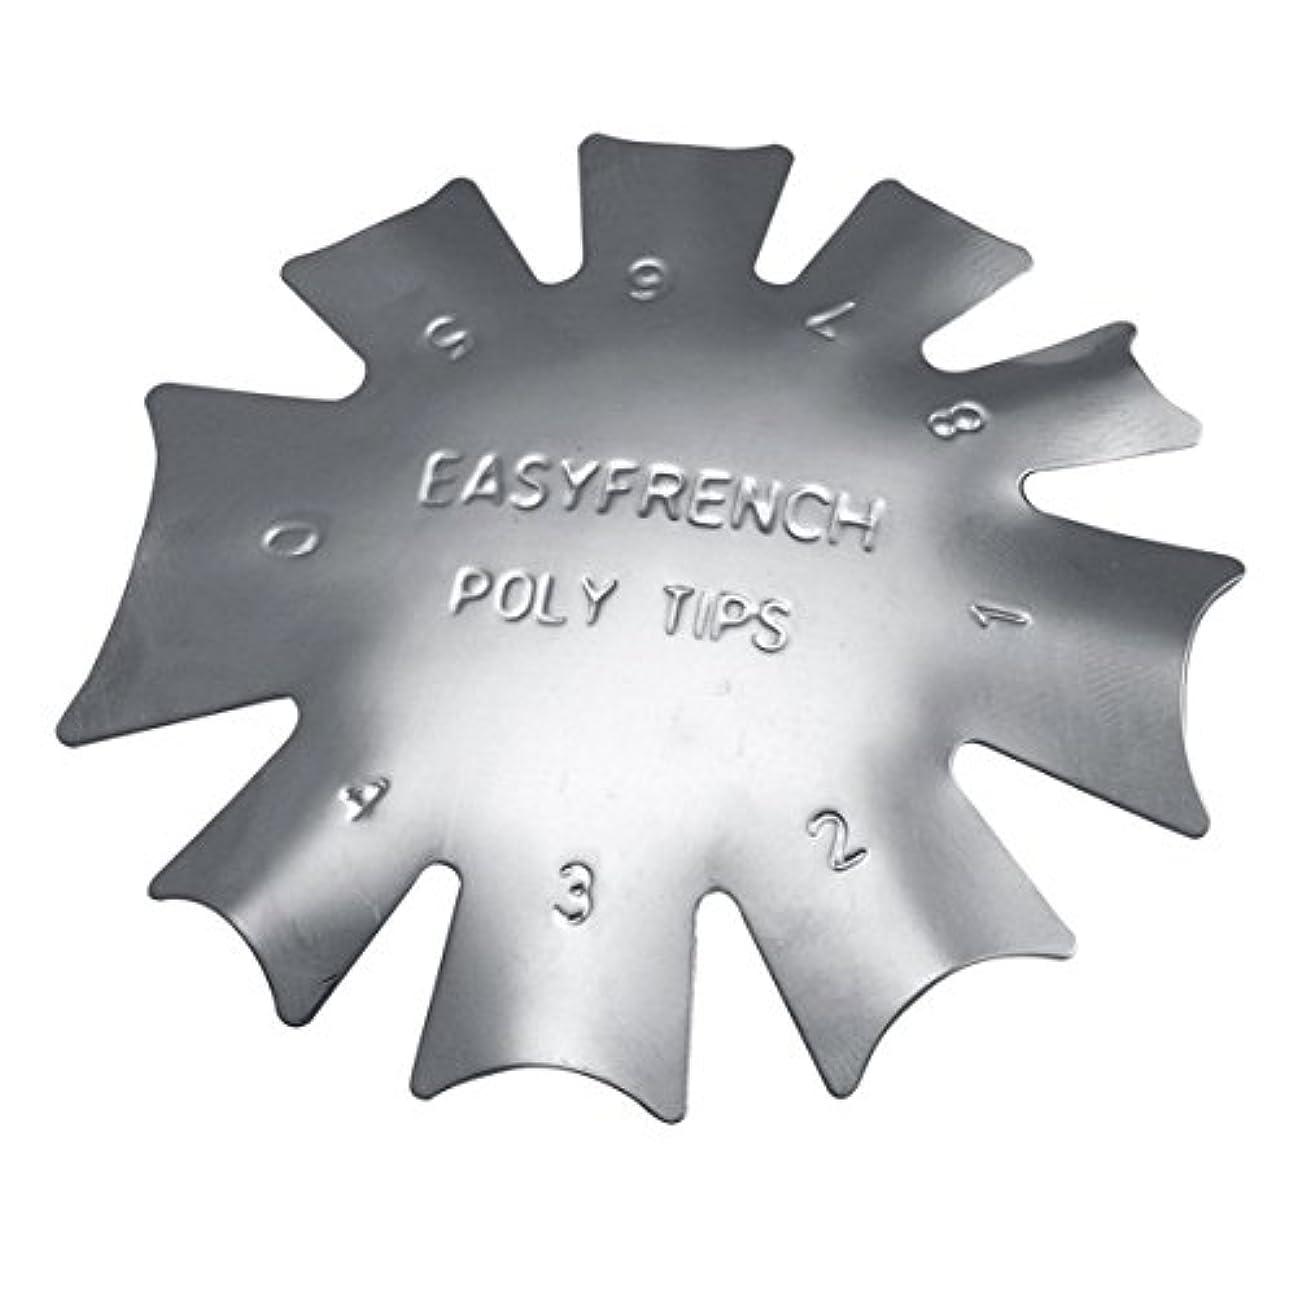 繁雑ドループ再び3ピース/セット丈夫な金属ステンレス鋼フレンチマニキュアモデリング整形プレートクリスタルネイル作りスタンピングプレート(シルバー)